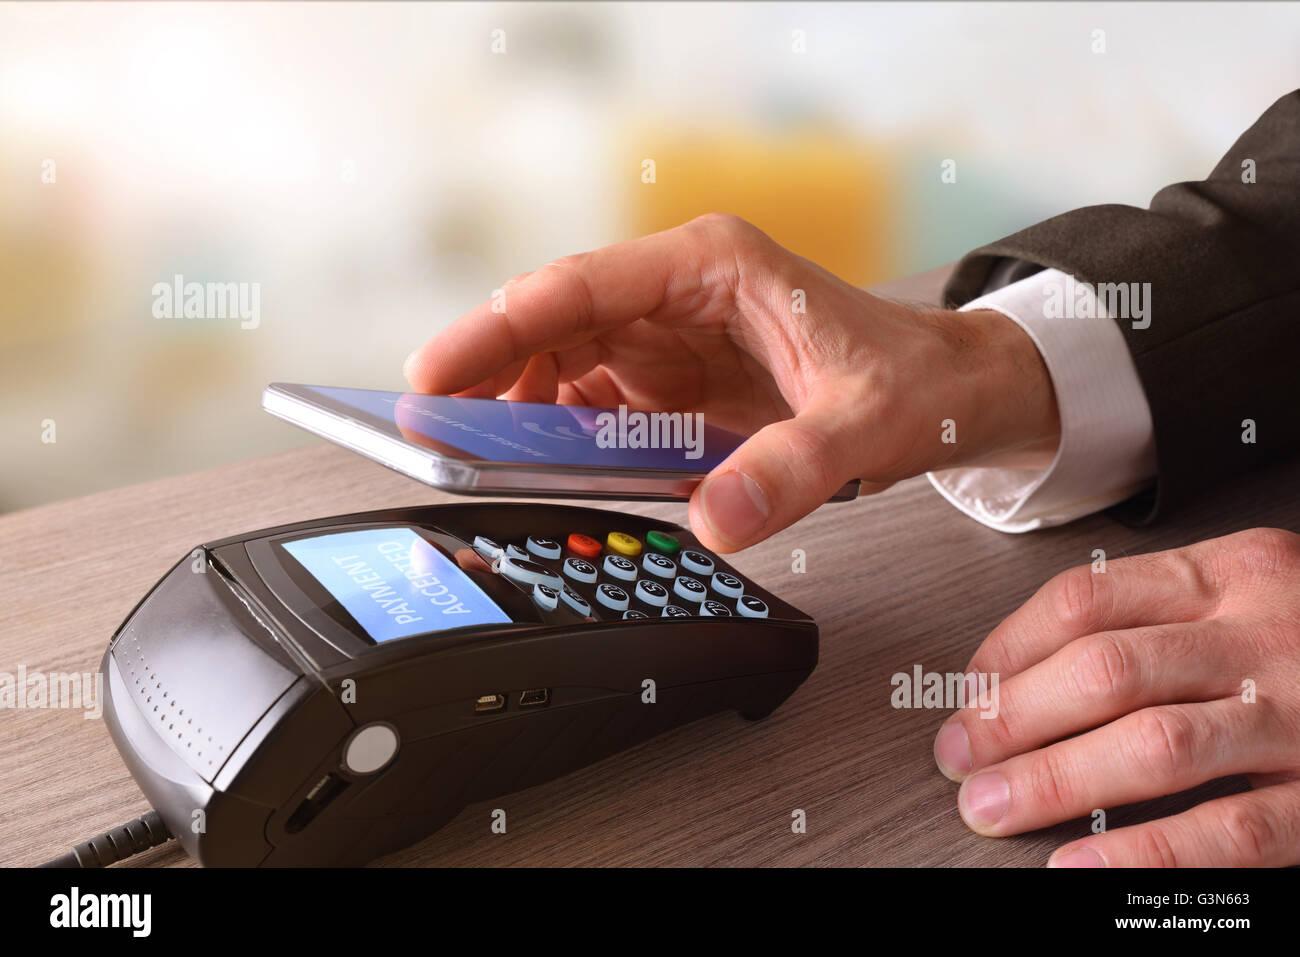 Il pagamento su un commercio tramite mobile e la tecnologia NFC. Vista in elevazione. Composizione orizzontale. Immagini Stock